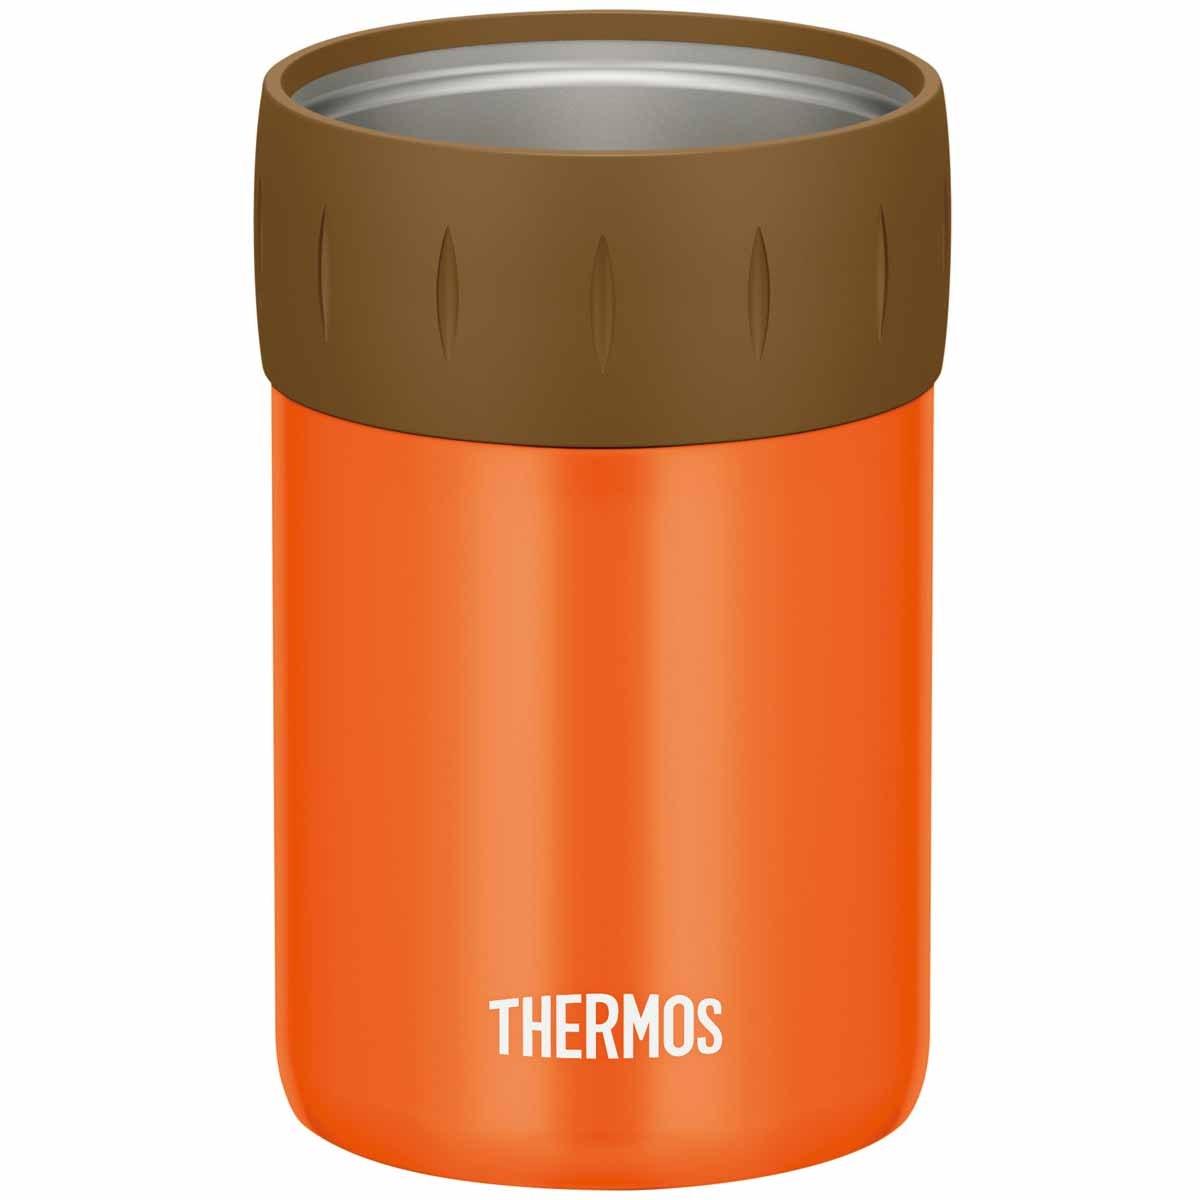 サーモス THERMOS 保冷缶ホルダー 350ml缶用 オレンジ